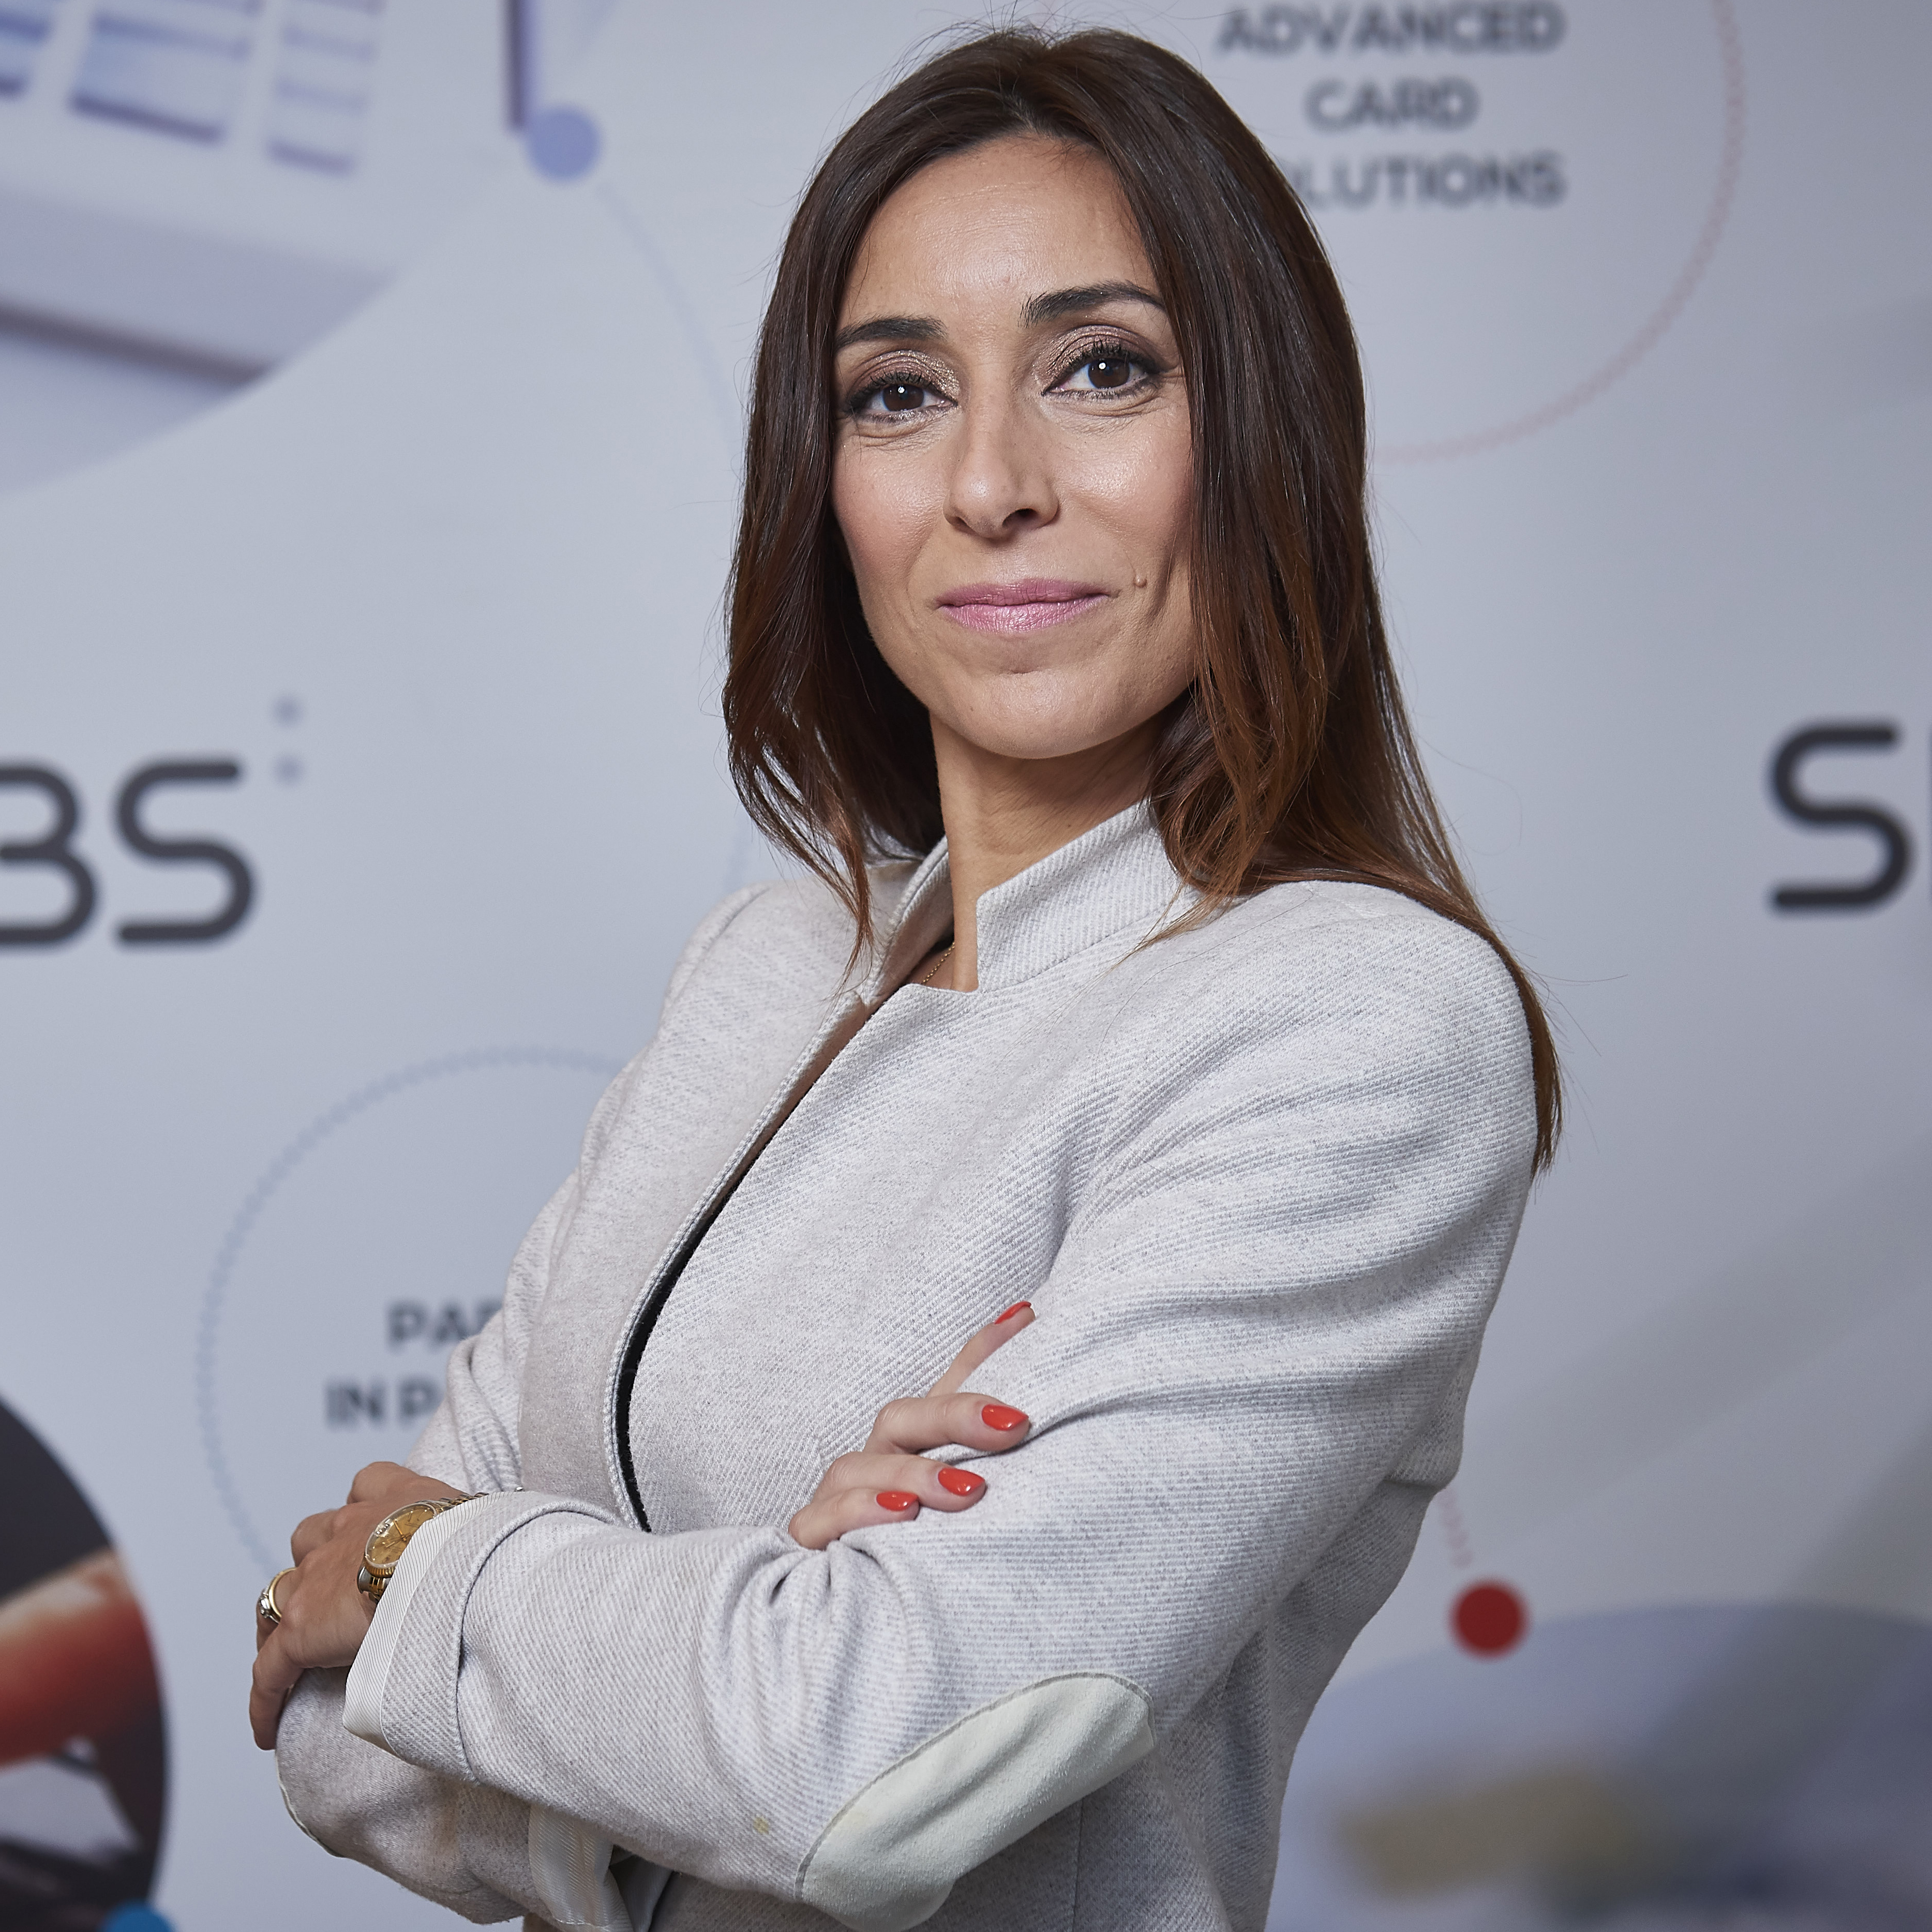 Maria Antónia Saldanha